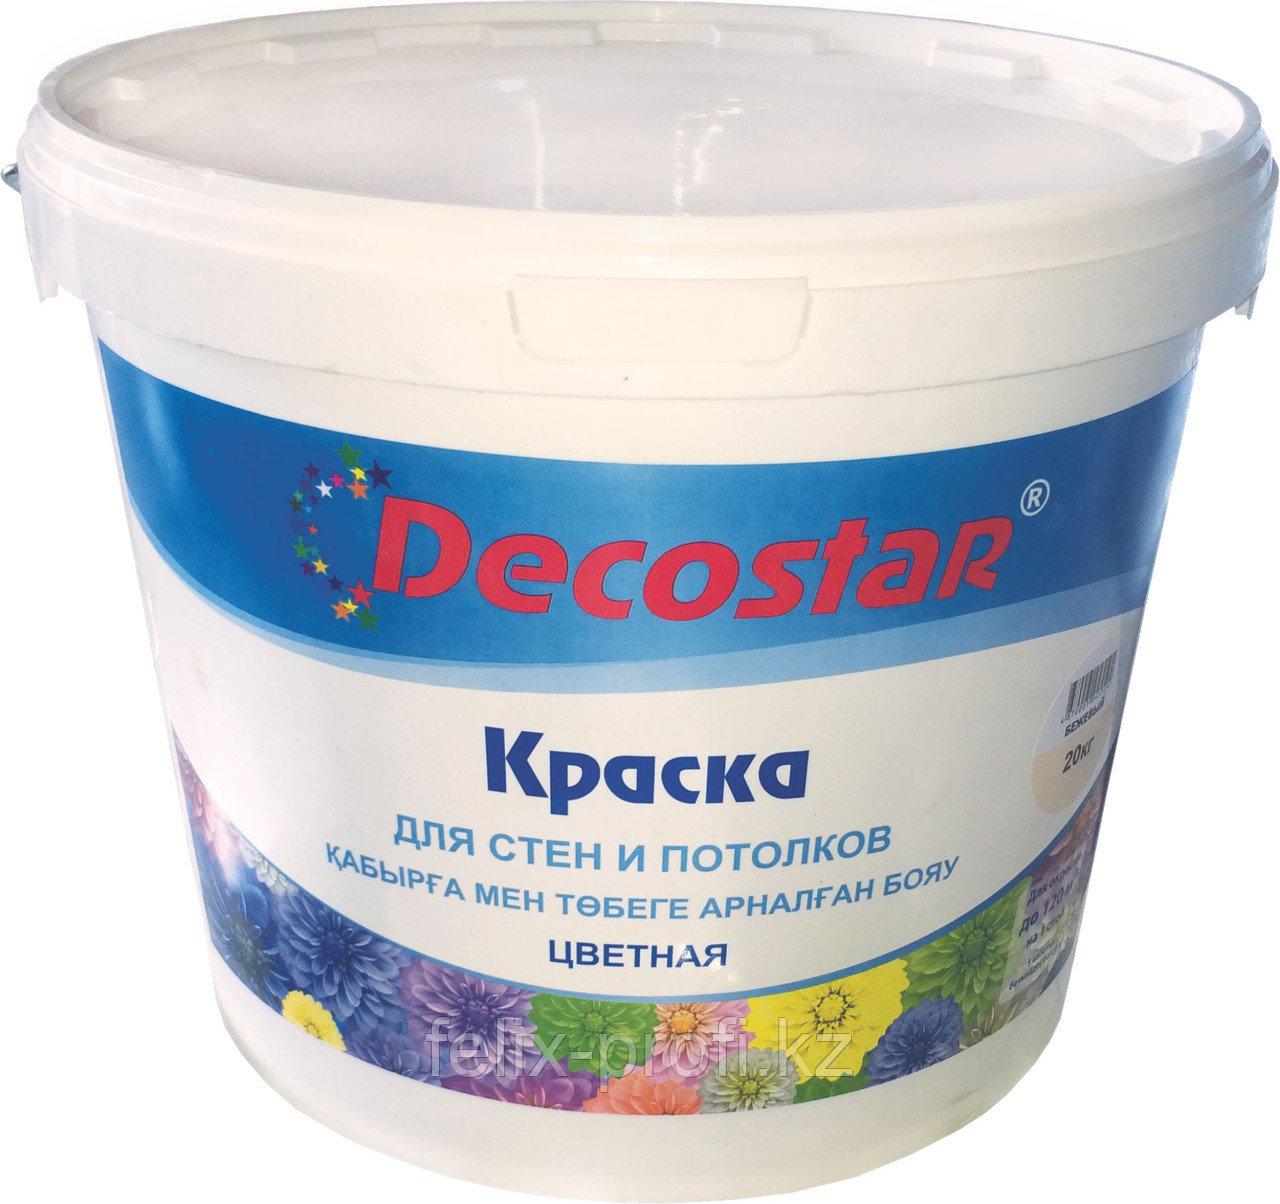 Decostar для стен и потолков, цвет светло-голубой, 10 кг